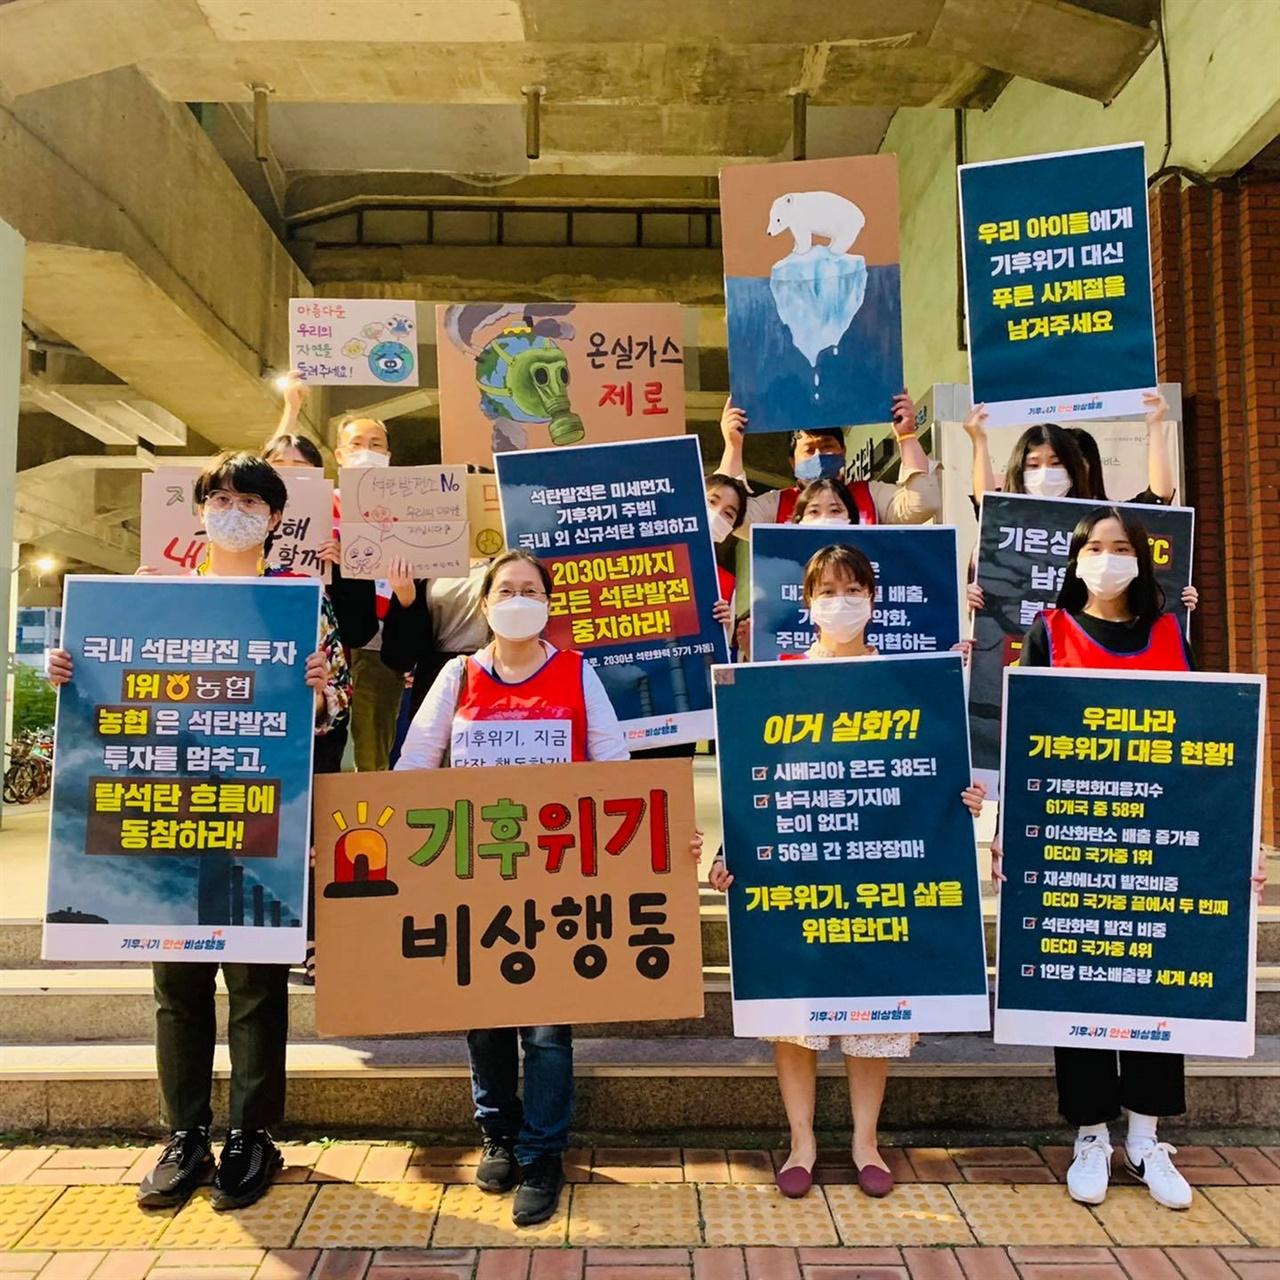 안산비상행동1 기후위기 안산비상행동 소속 단체 활동가들이 중앙역 주변에서 캠페인을 진행했다.